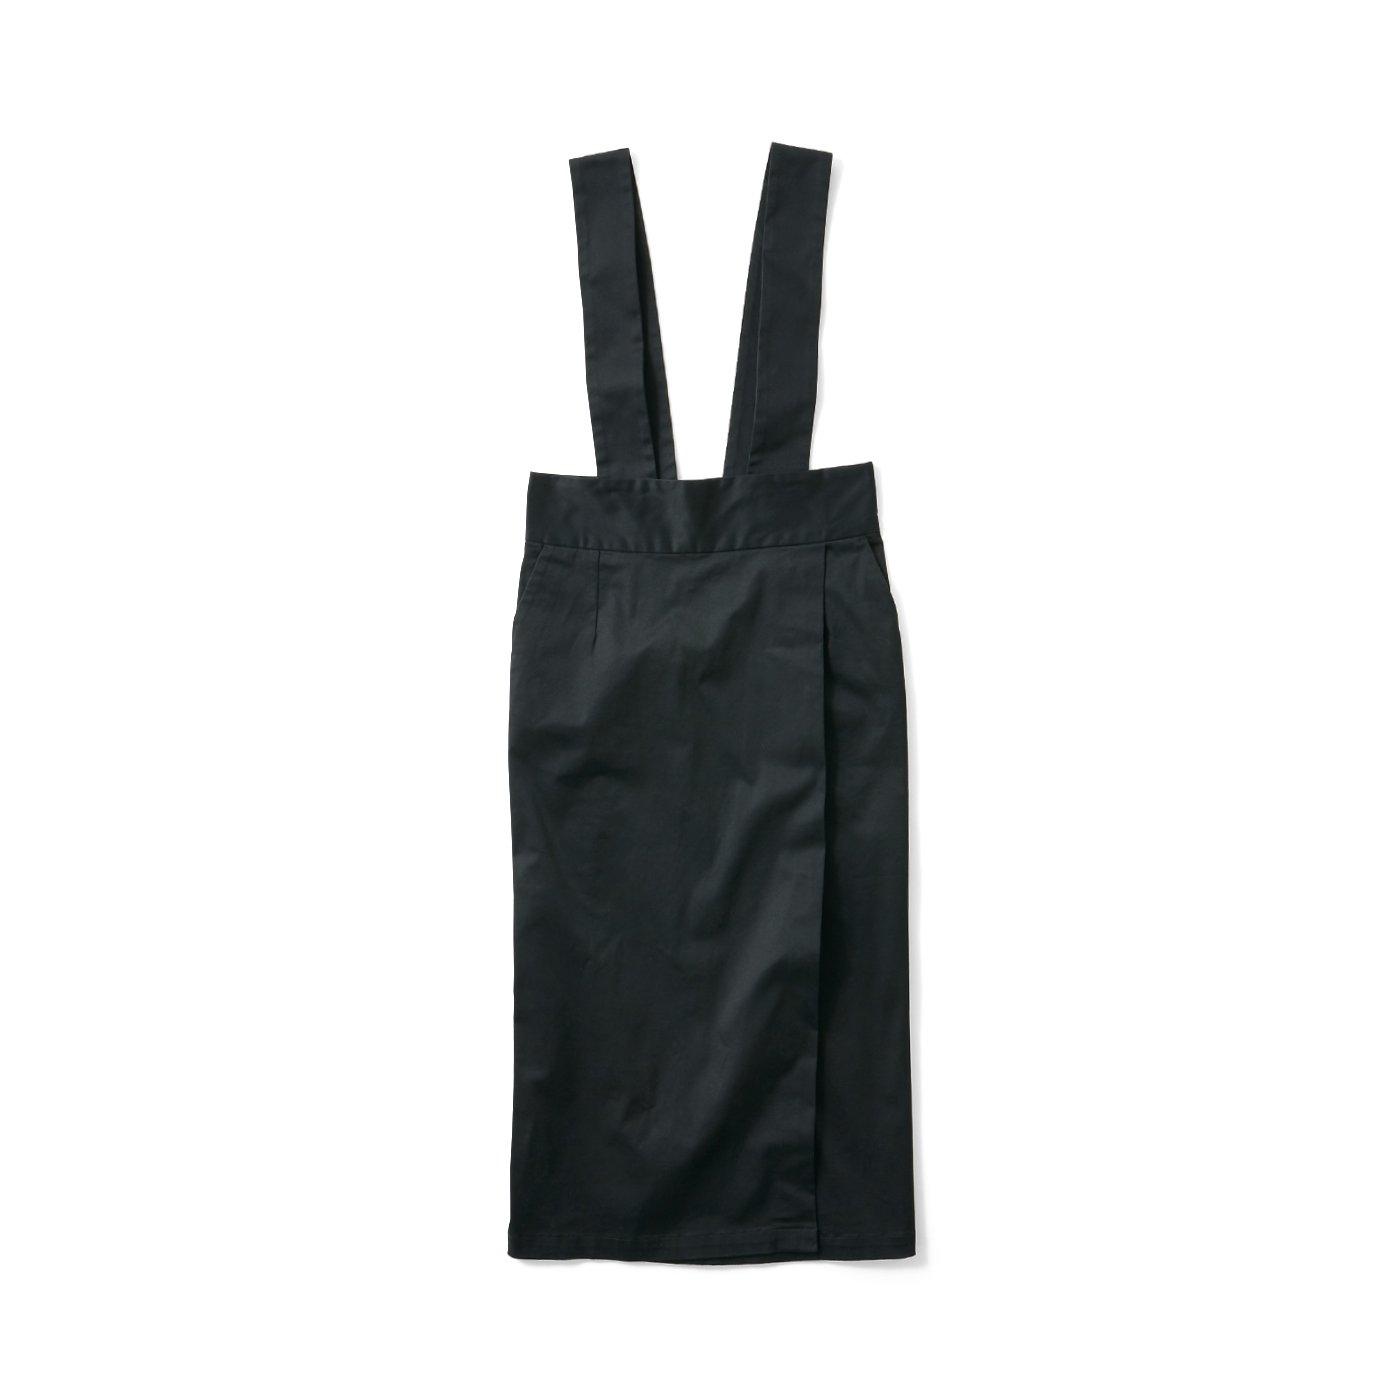 avecmoi サスペンダー付きスカート〈ブラック〉